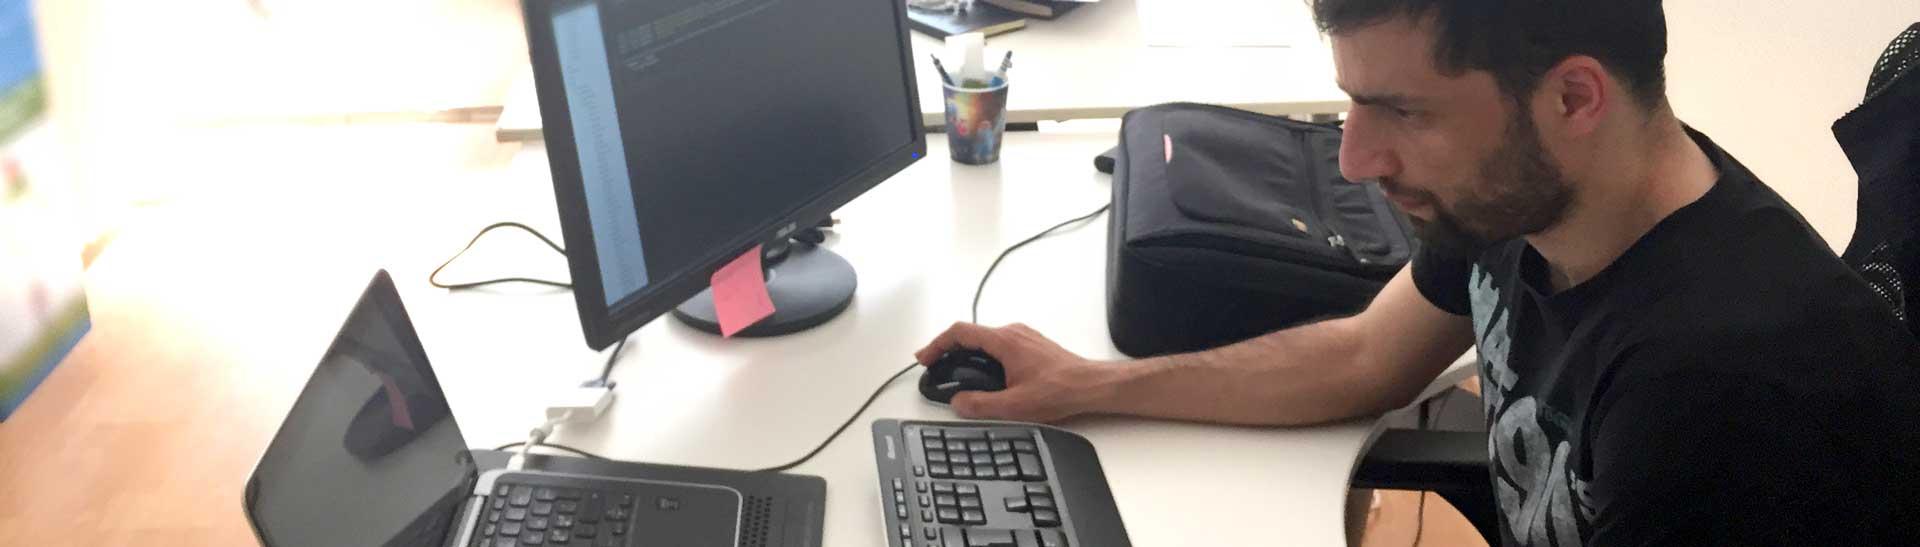 Mehmet behind computer